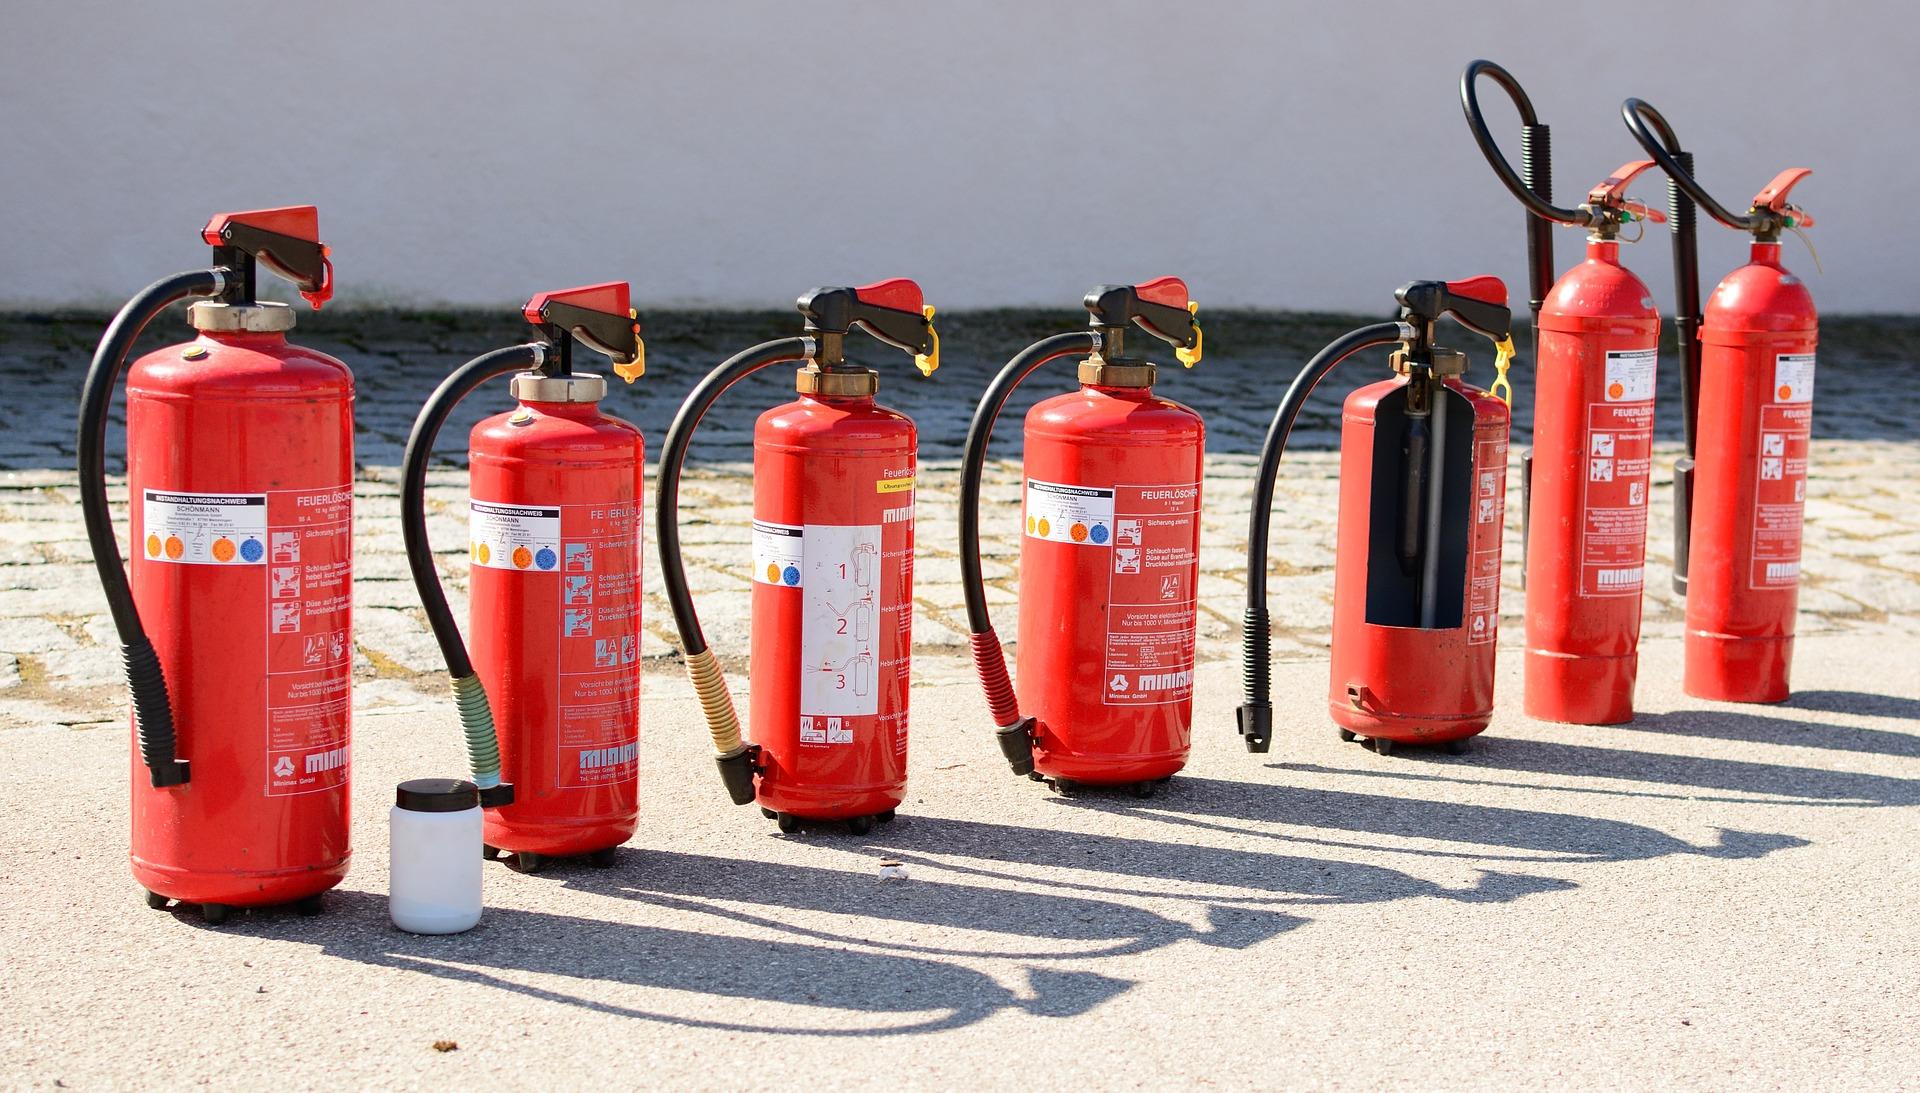 Bez naší pomoci hasicí přístroj požár neuhasí